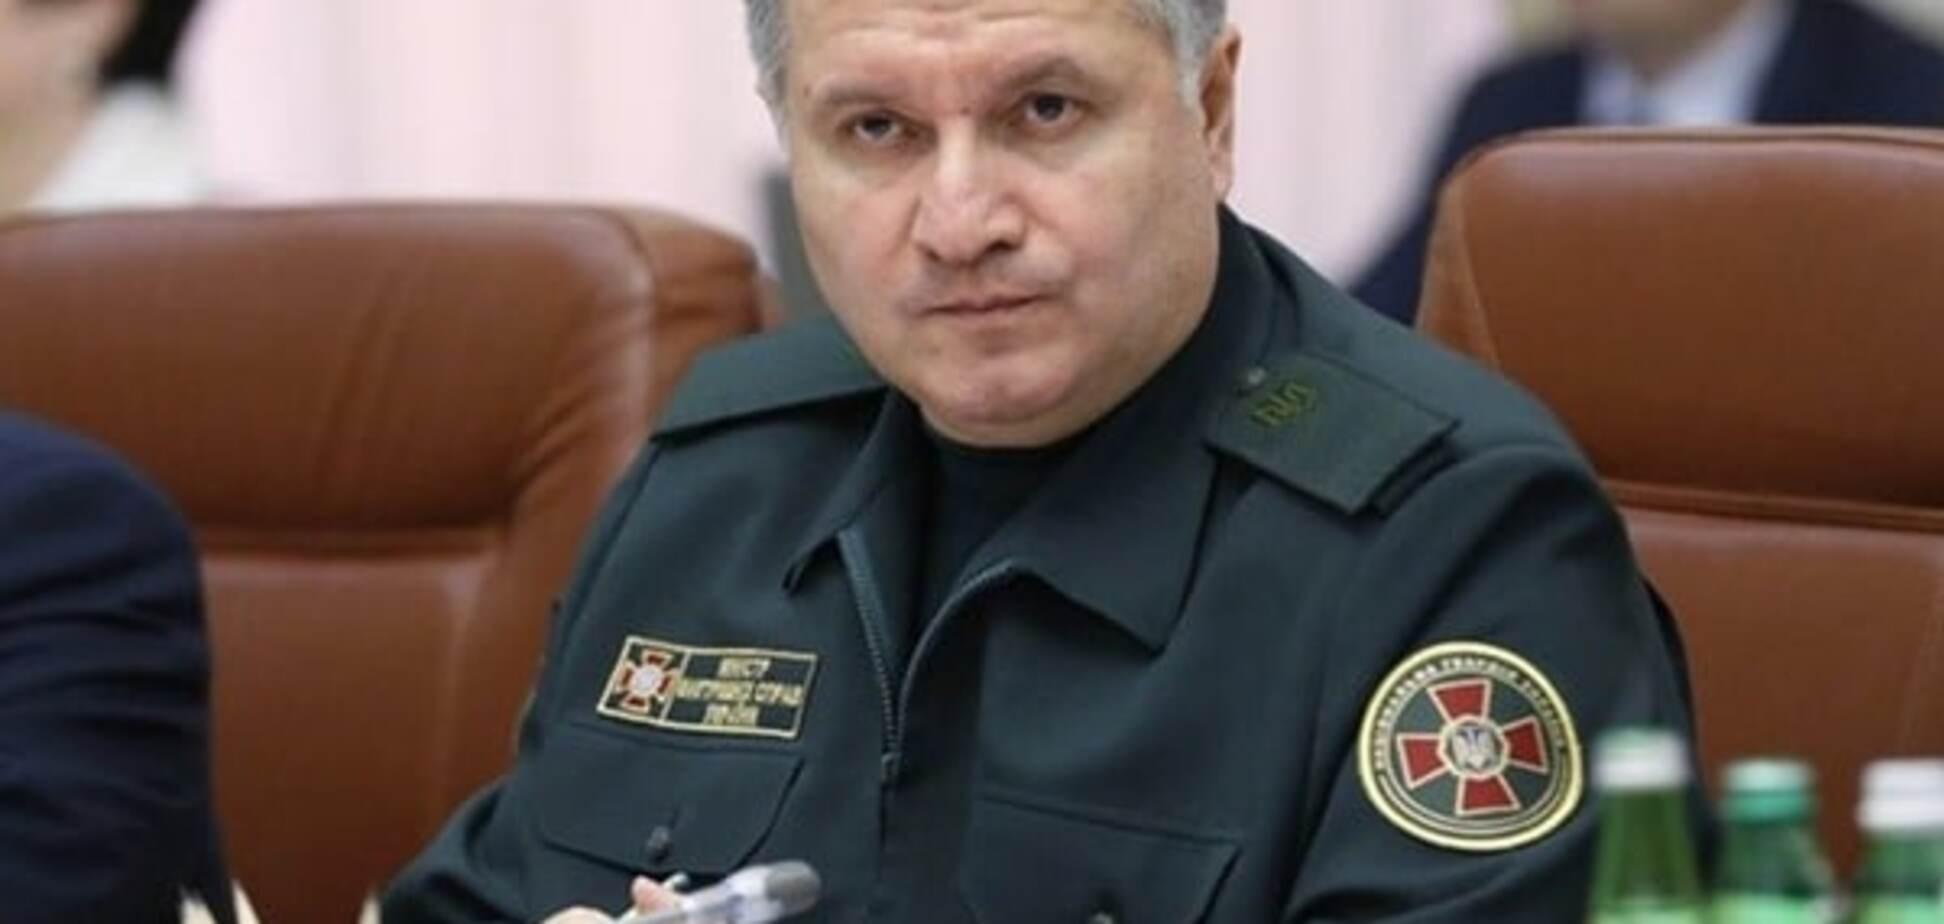 Розслідування триває: у НАБУ пояснили ситуацію із 'справою Авакова'